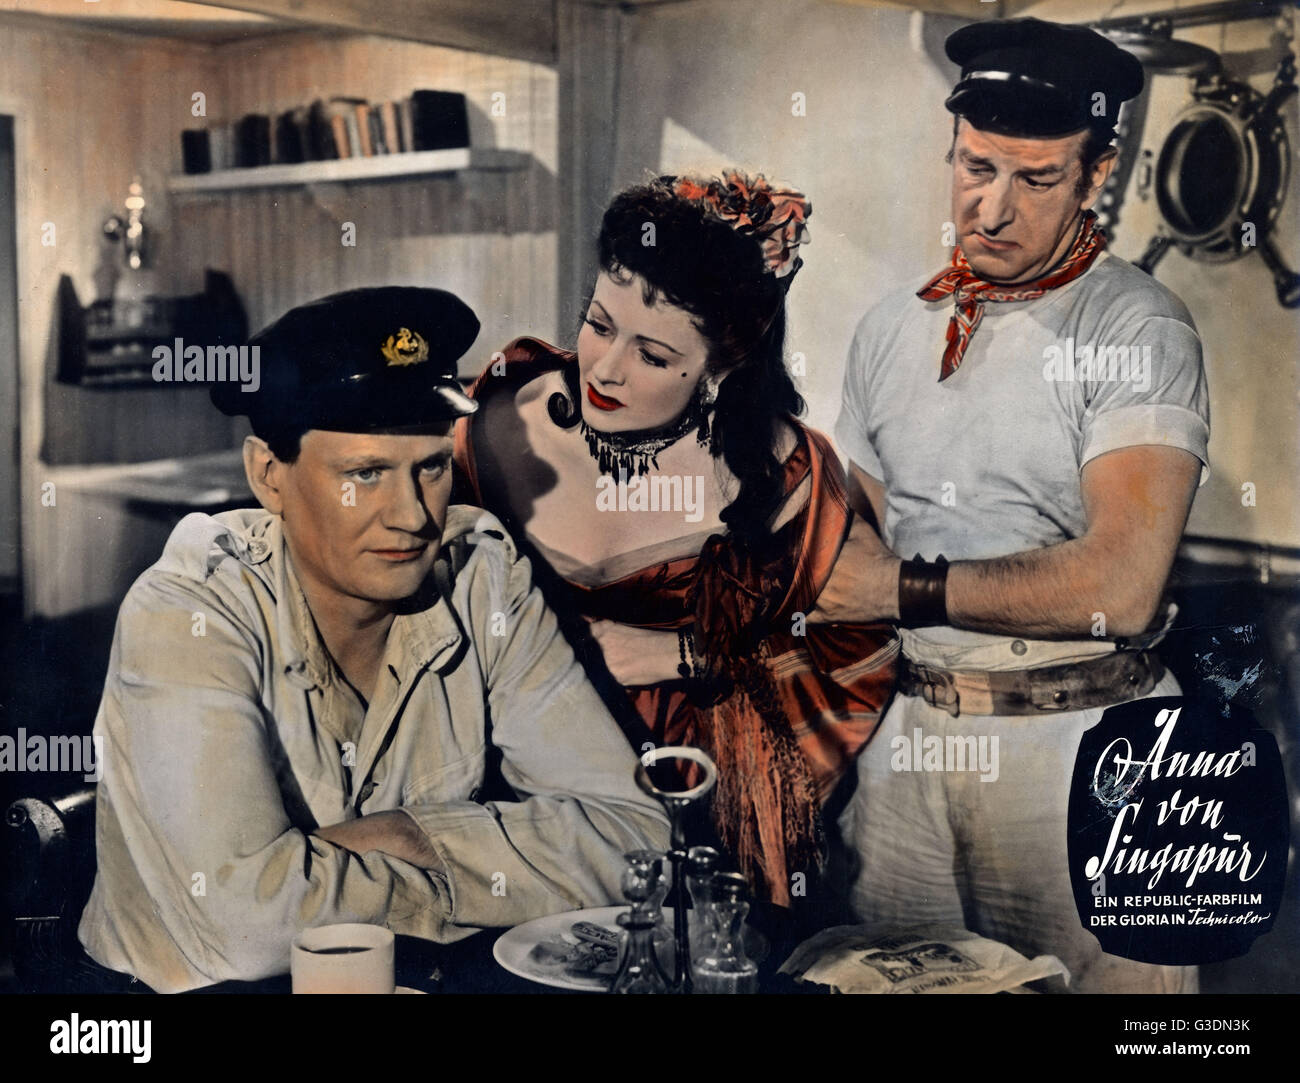 Laughing Anne, aka: Anna von Singapur, Großbritannien 1954, Regie: Herbert Wilcox, Darsteller: (v. l.) Wendell - Stock Image